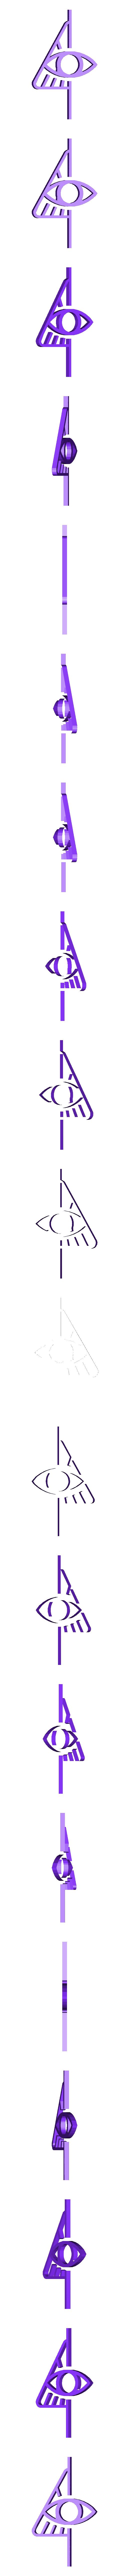 VOYANTE BLANC.stl Télécharger fichier STL gratuit Jeu de Loup Garou #Toy  • Plan imprimable en 3D, 10E9